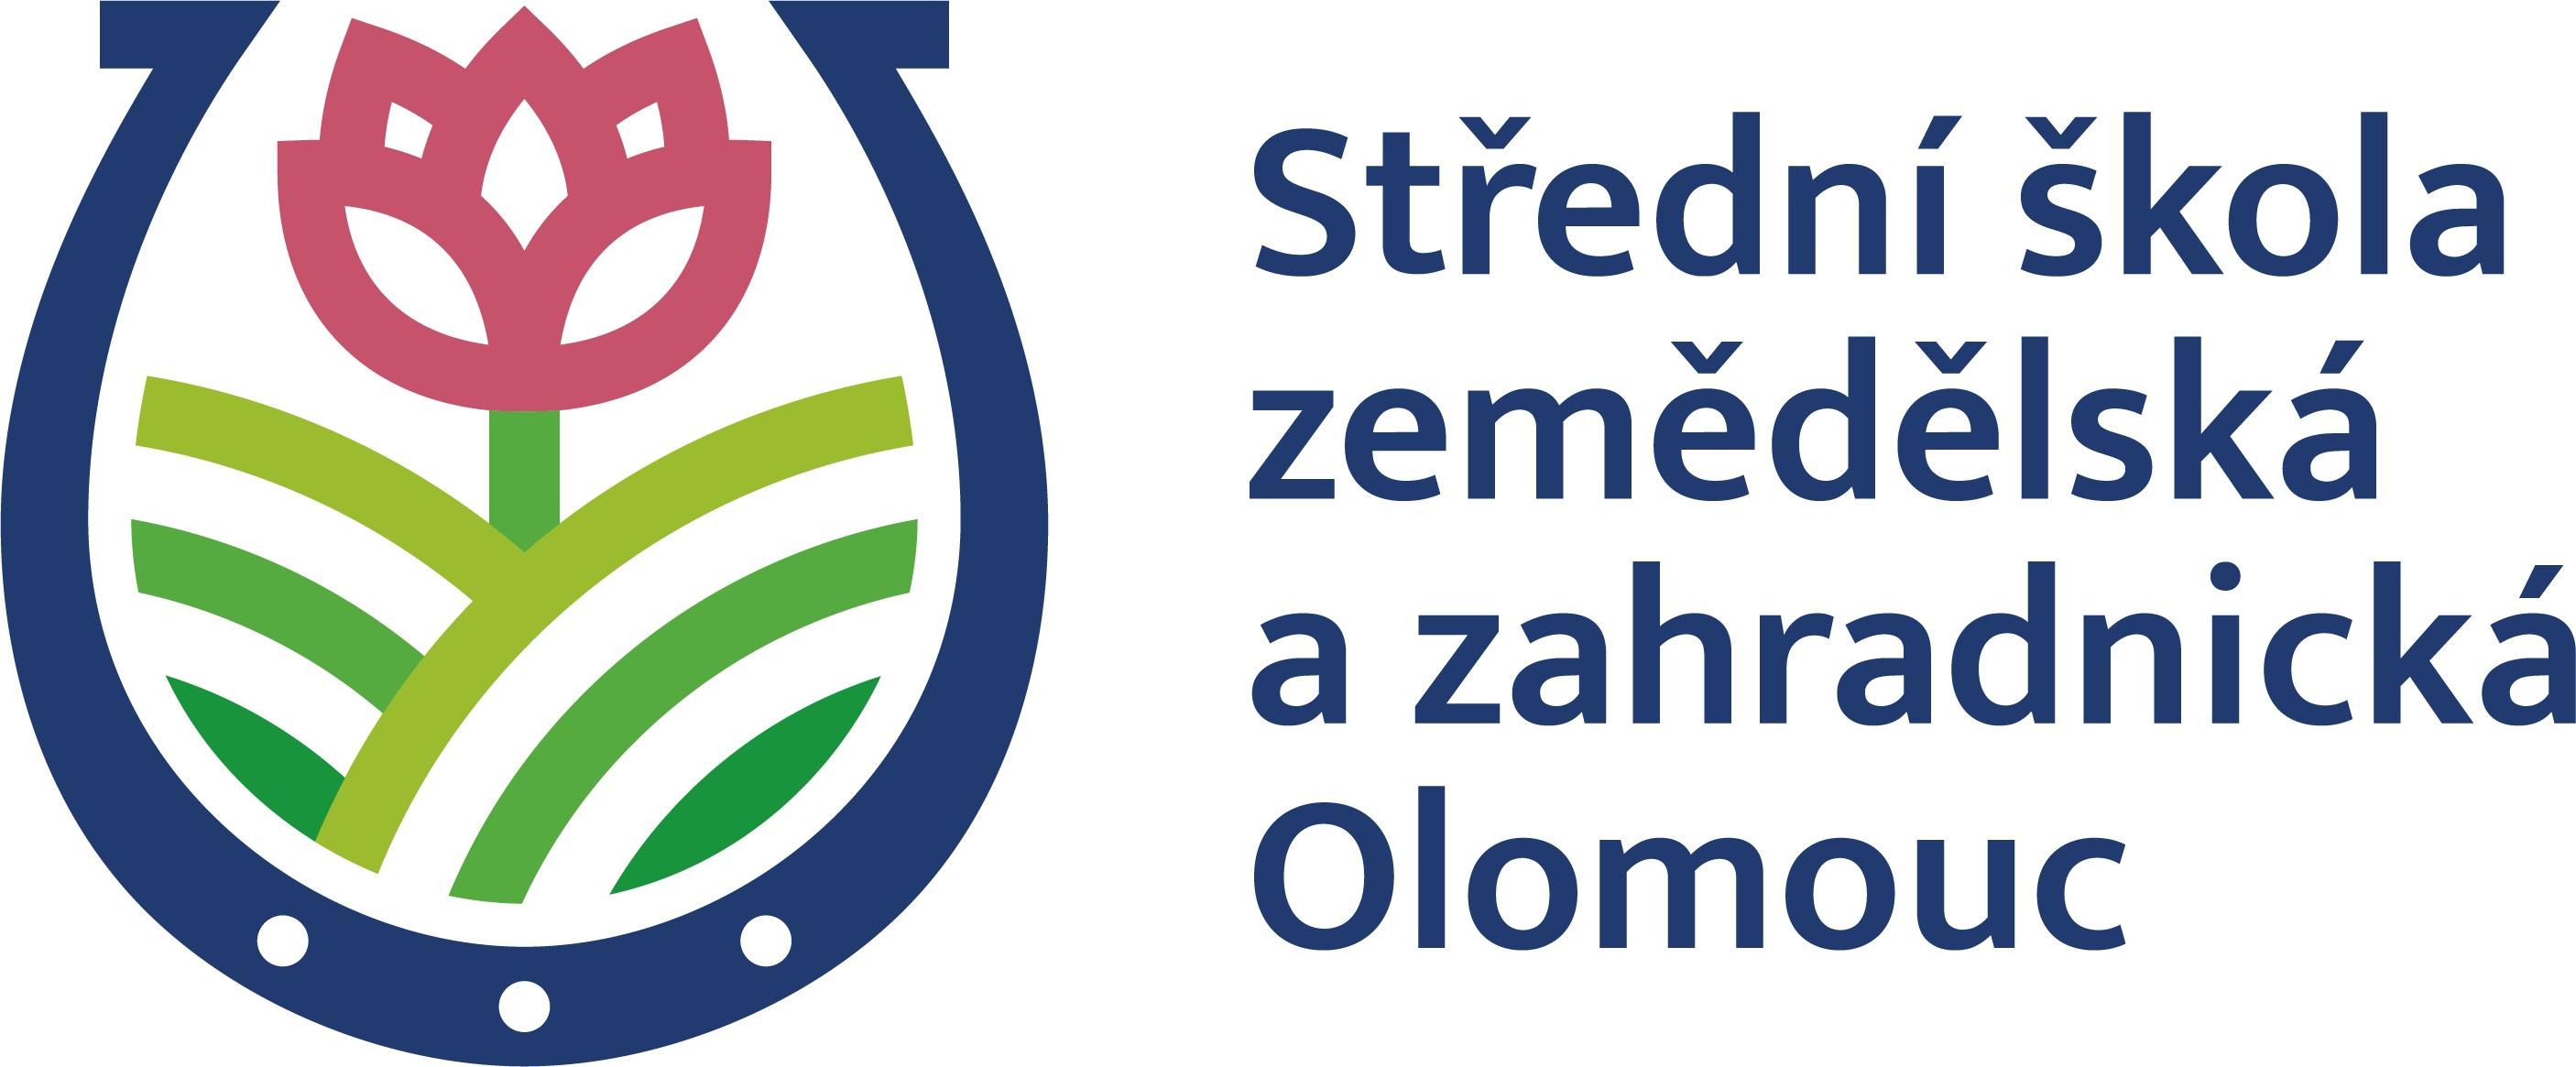 Střední škola zemědělská a zahradnická, Olomouc logo